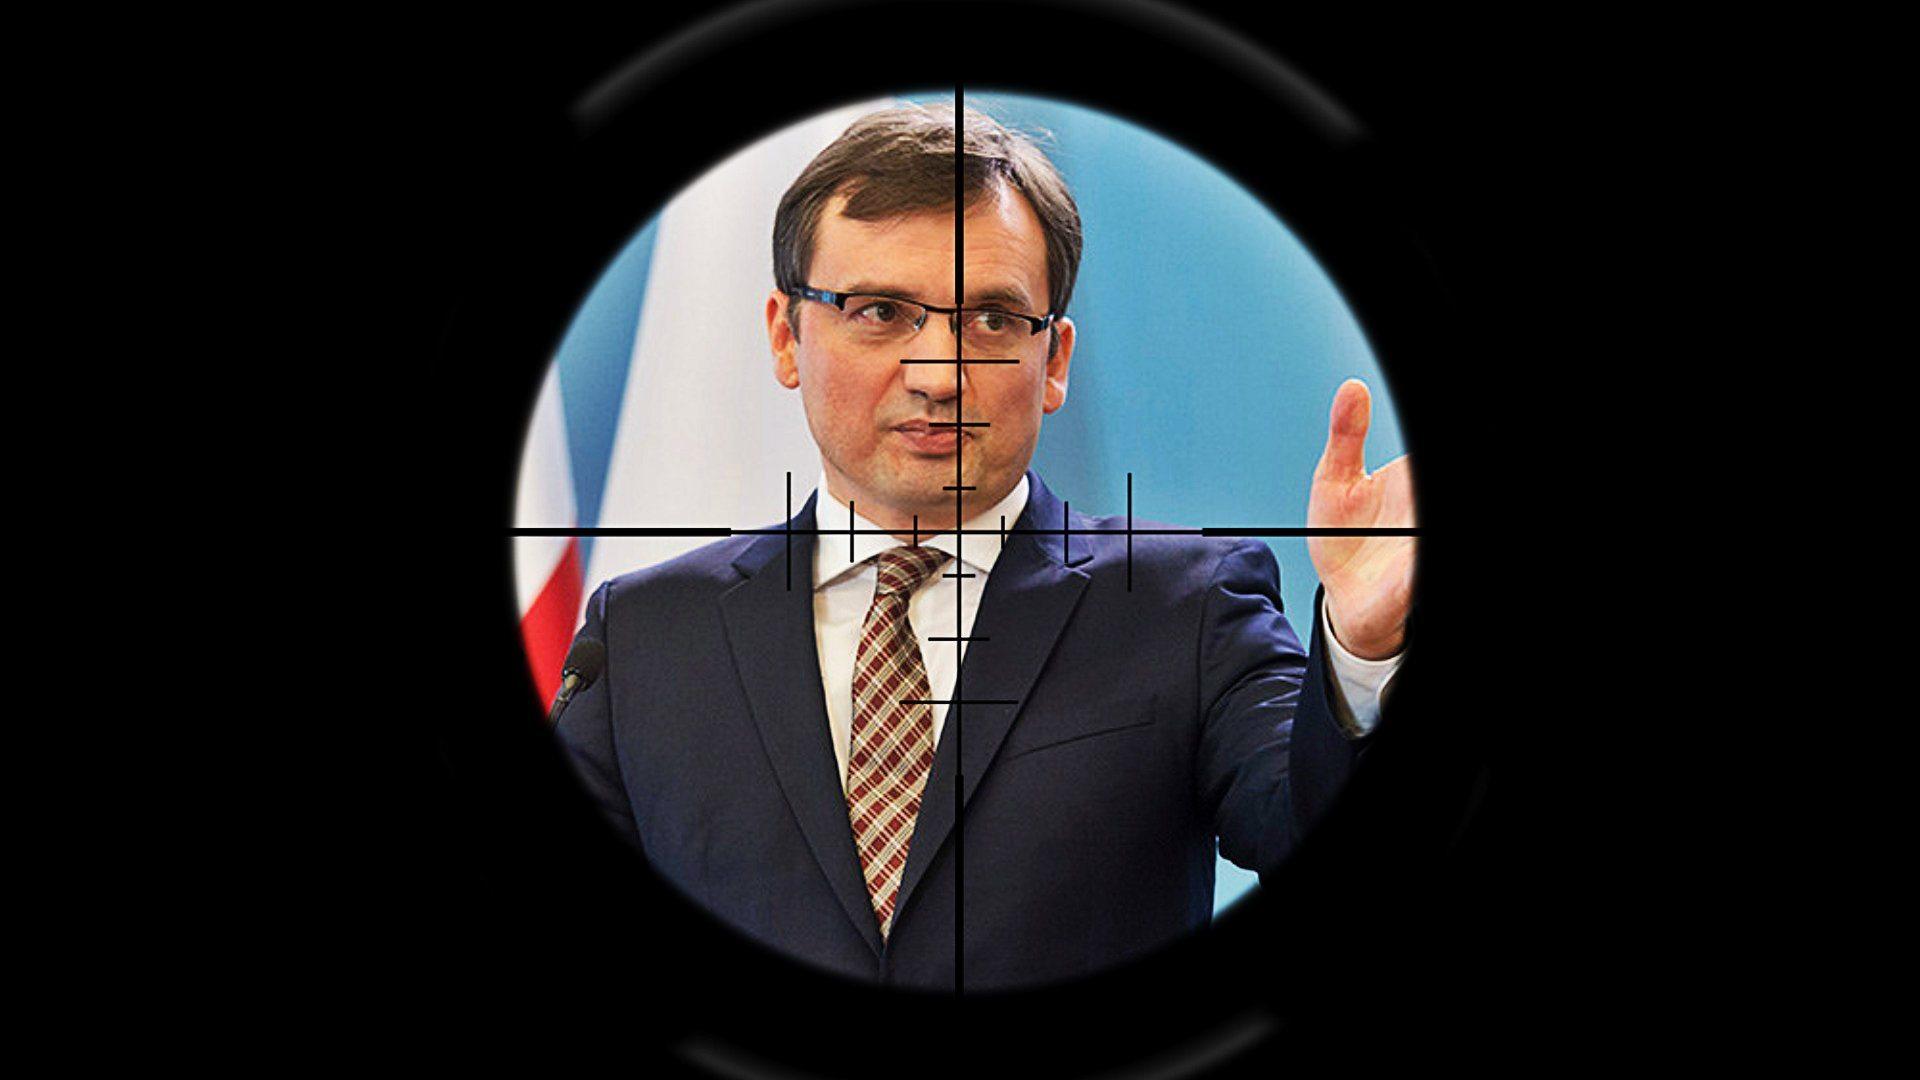 Jest zlecenie na Ziobrę! Tajemniczy fundusz oferuje kilkaset tysięcy złotych